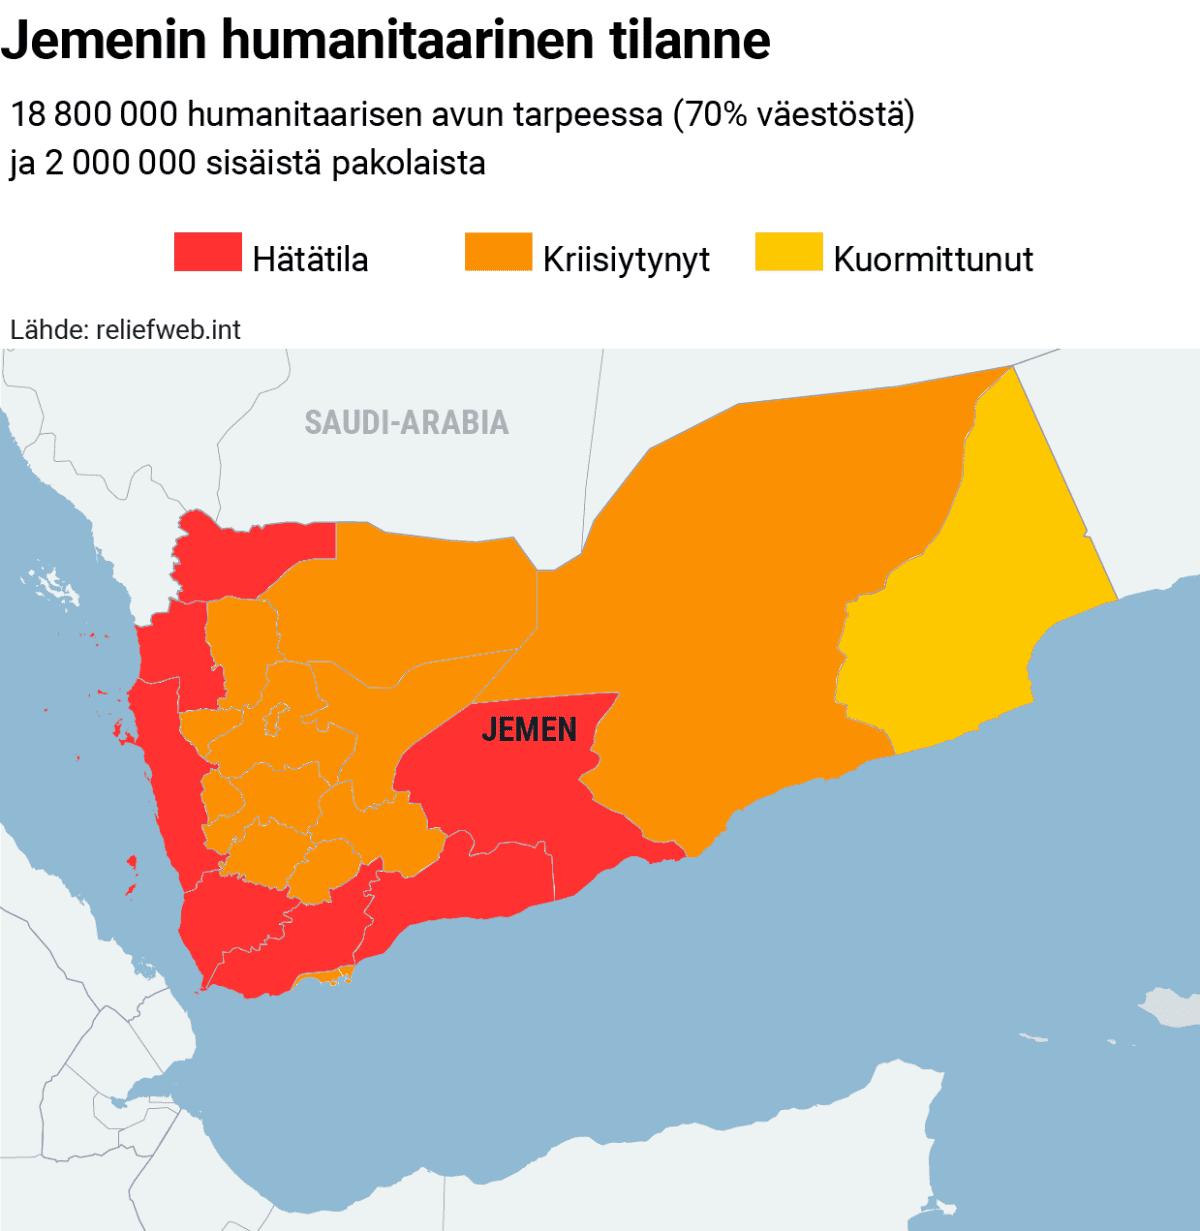 Kartta Jemenin humanitaarisesta tilanteesta.